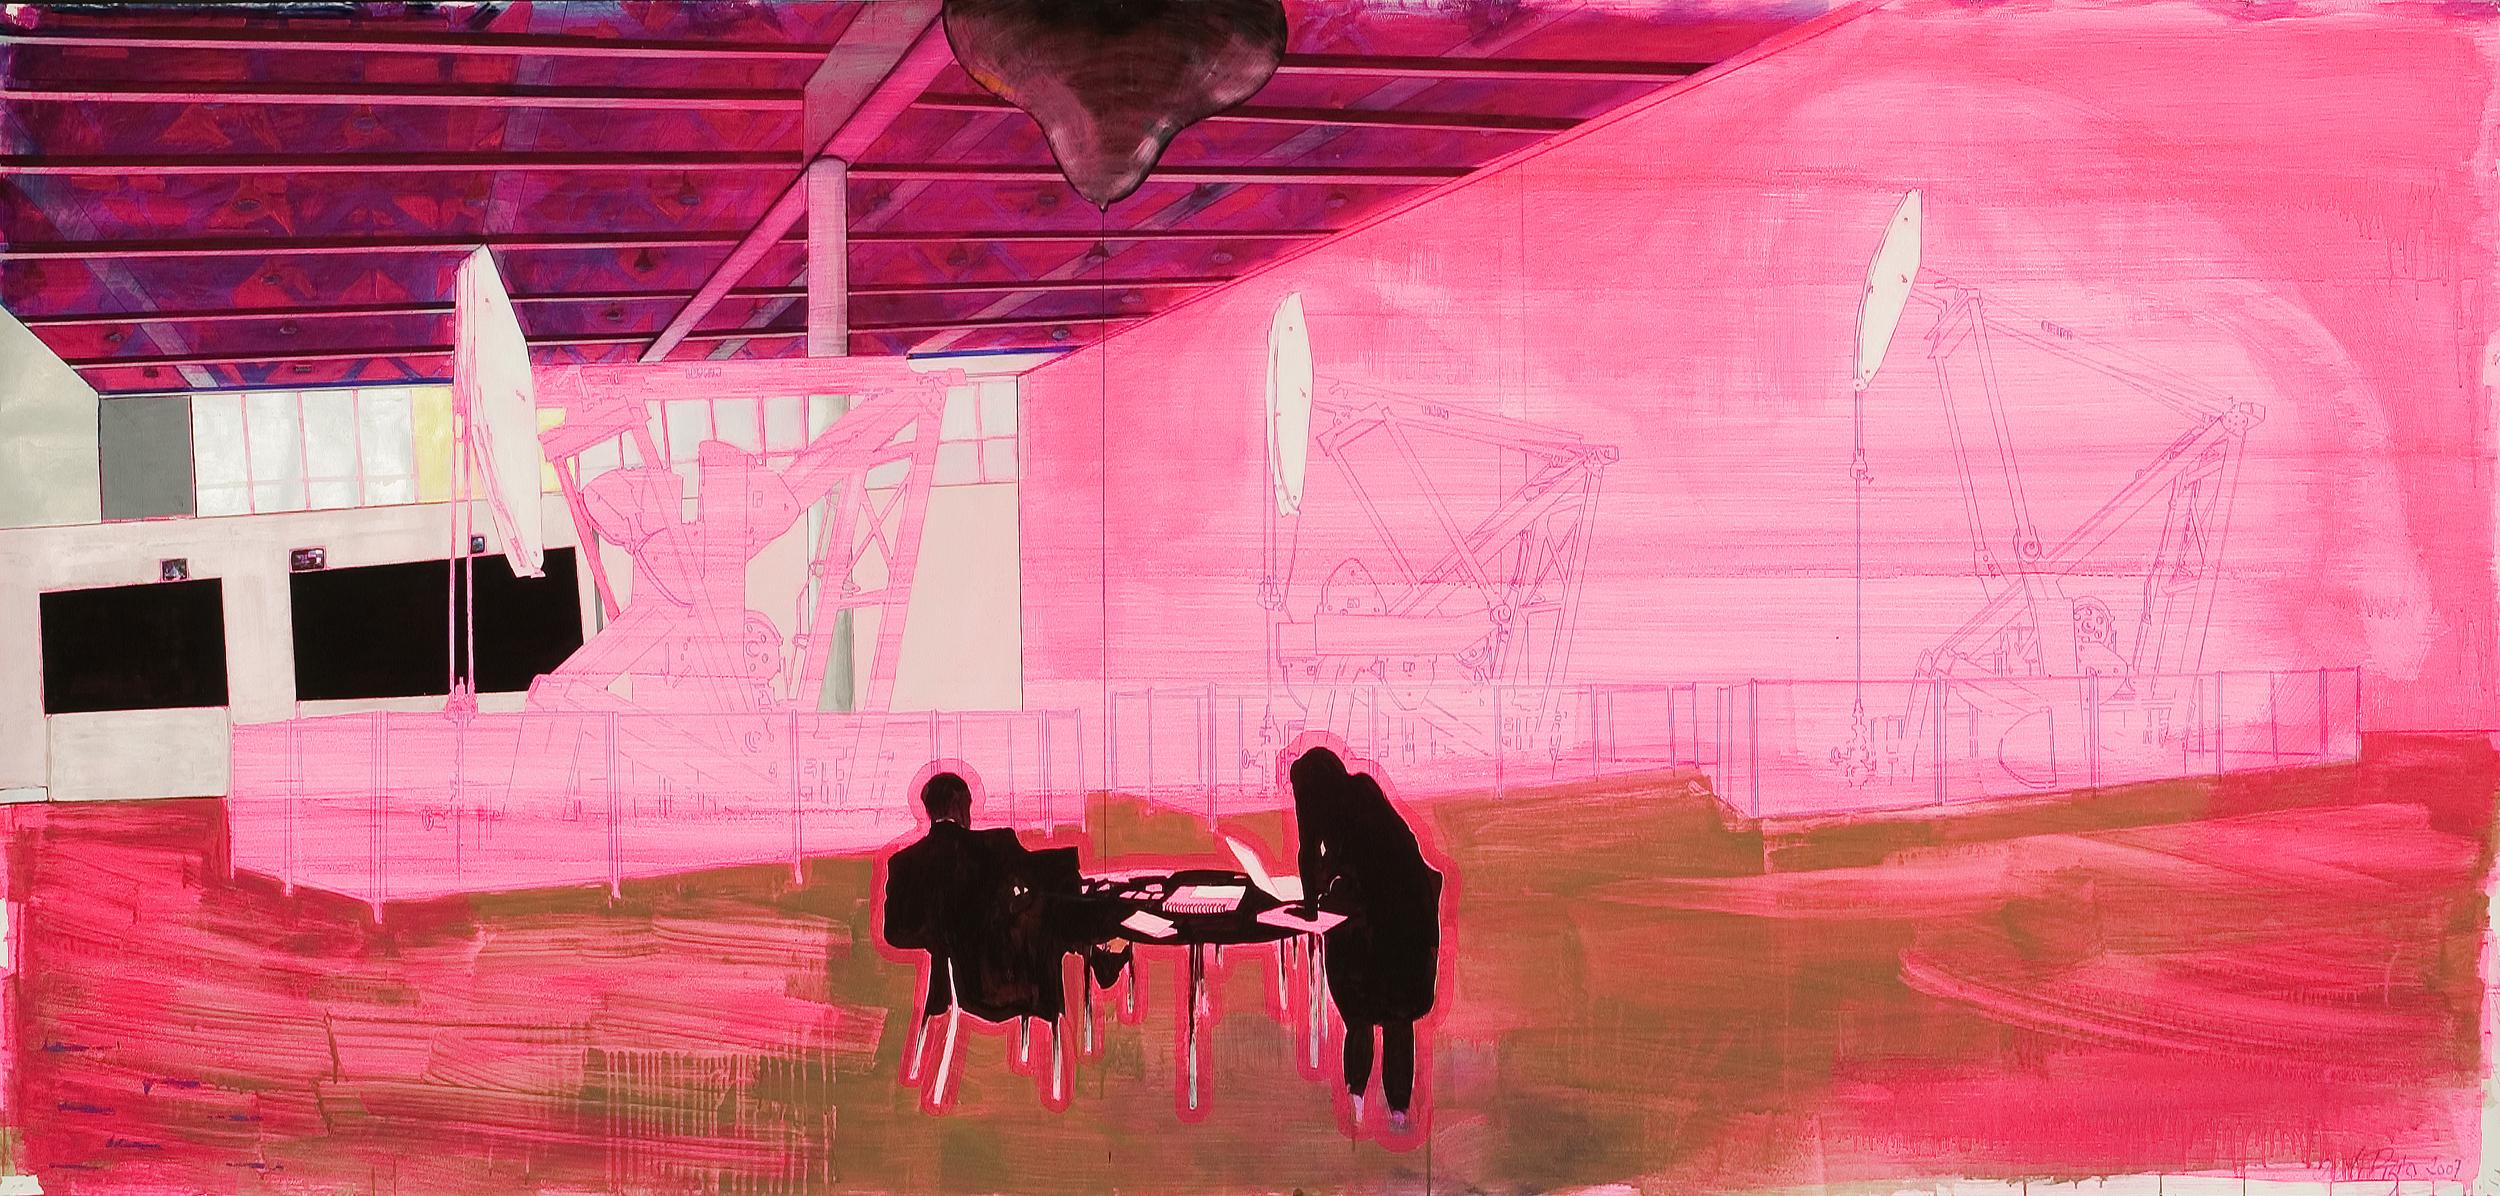 Le démon de Laplace #4 2008.jpg